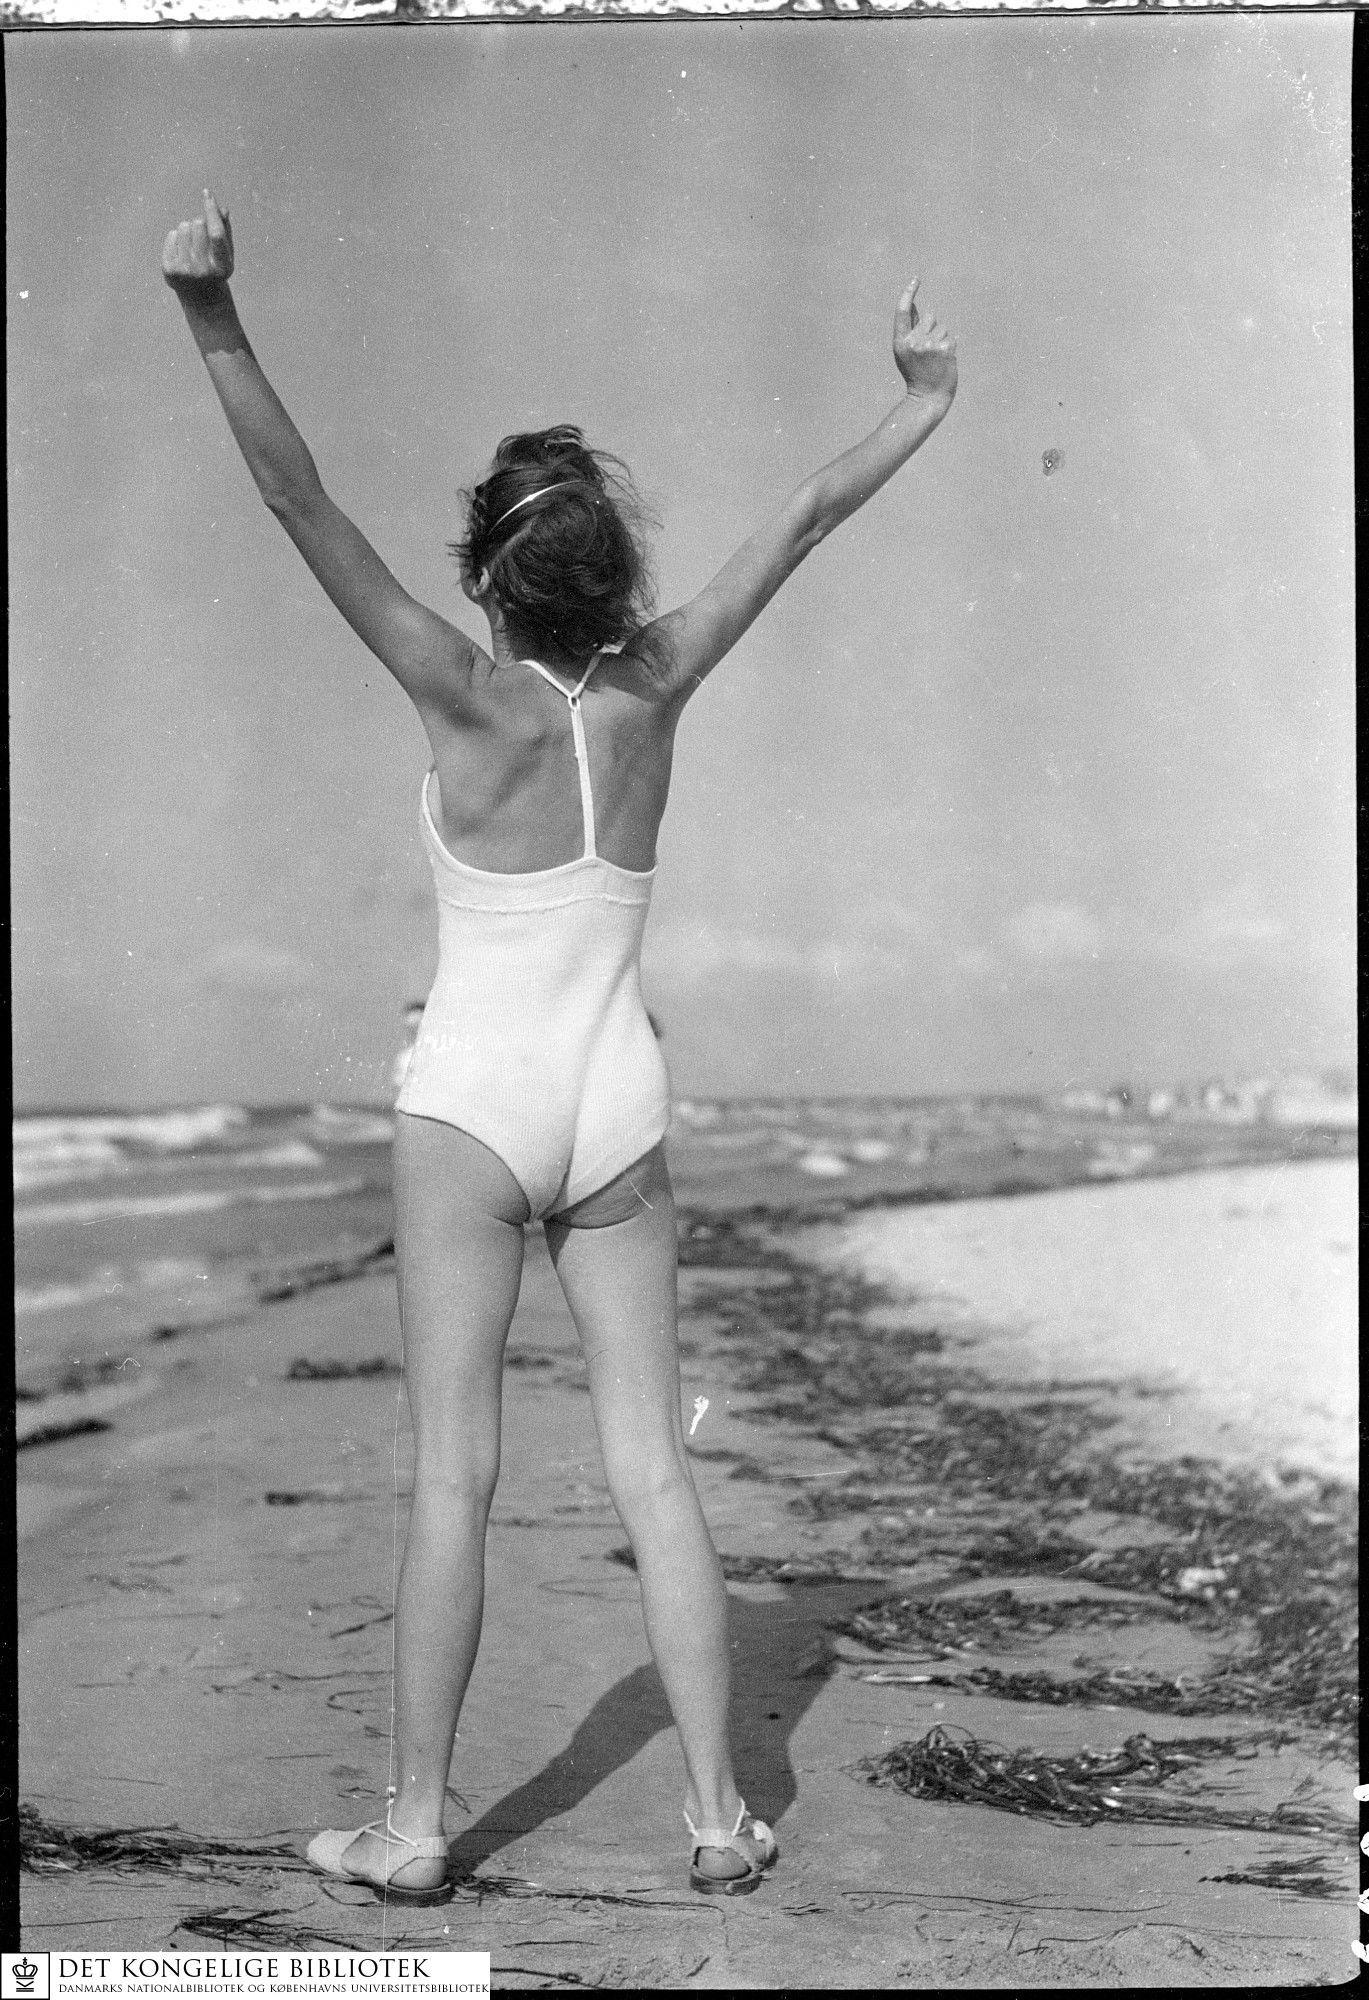 De la serie Beach Life, c.1940 - Sven Türck (1897-1954)